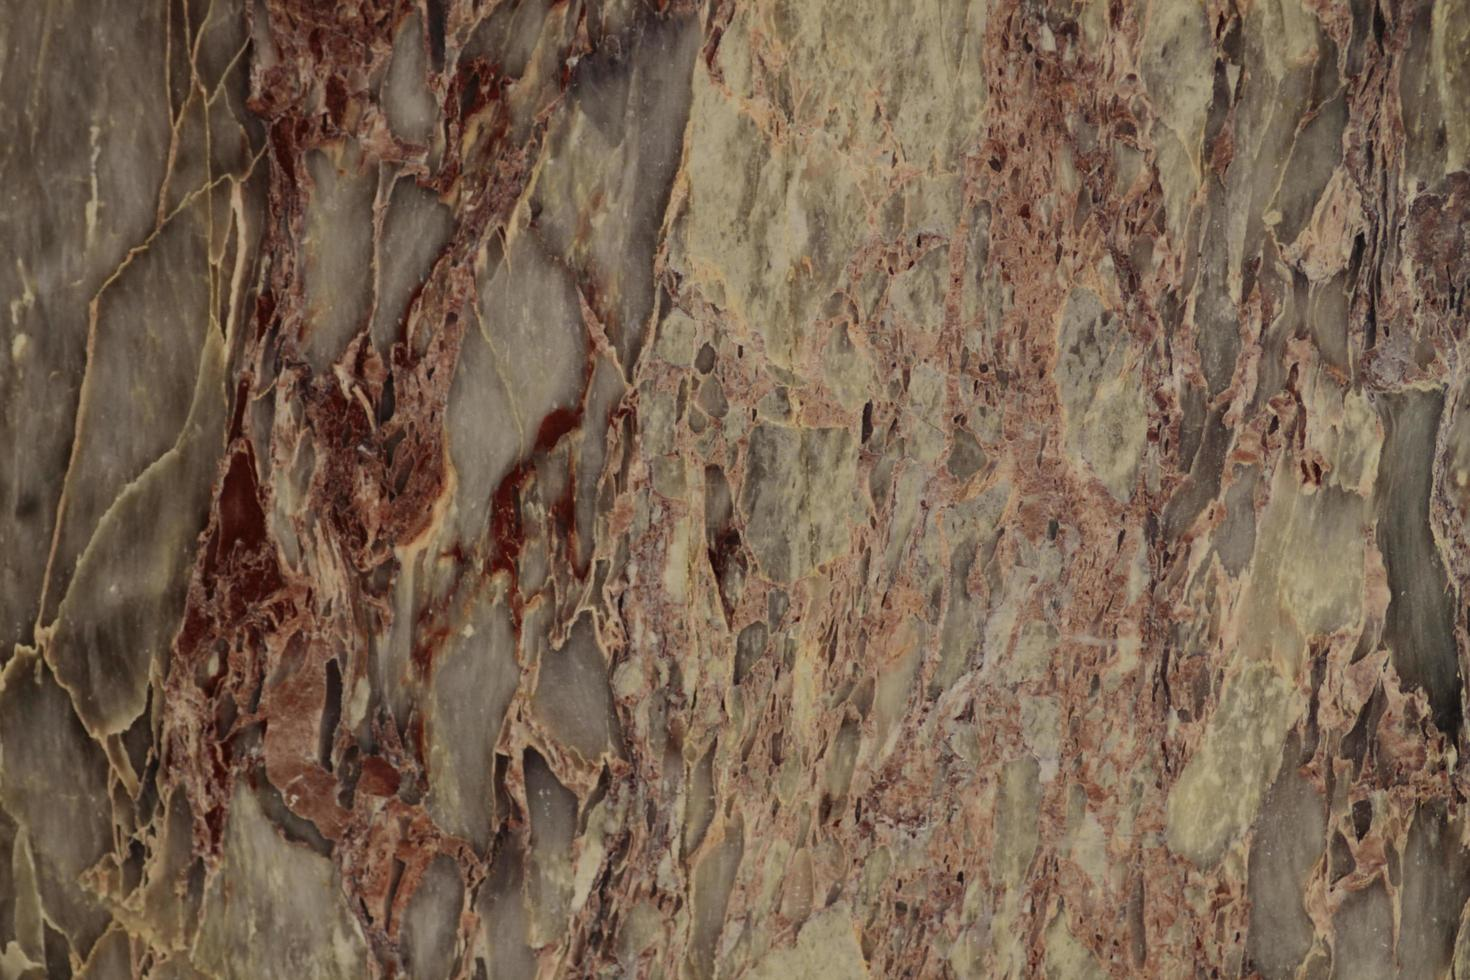 esempi di vari modelli di marmo foto